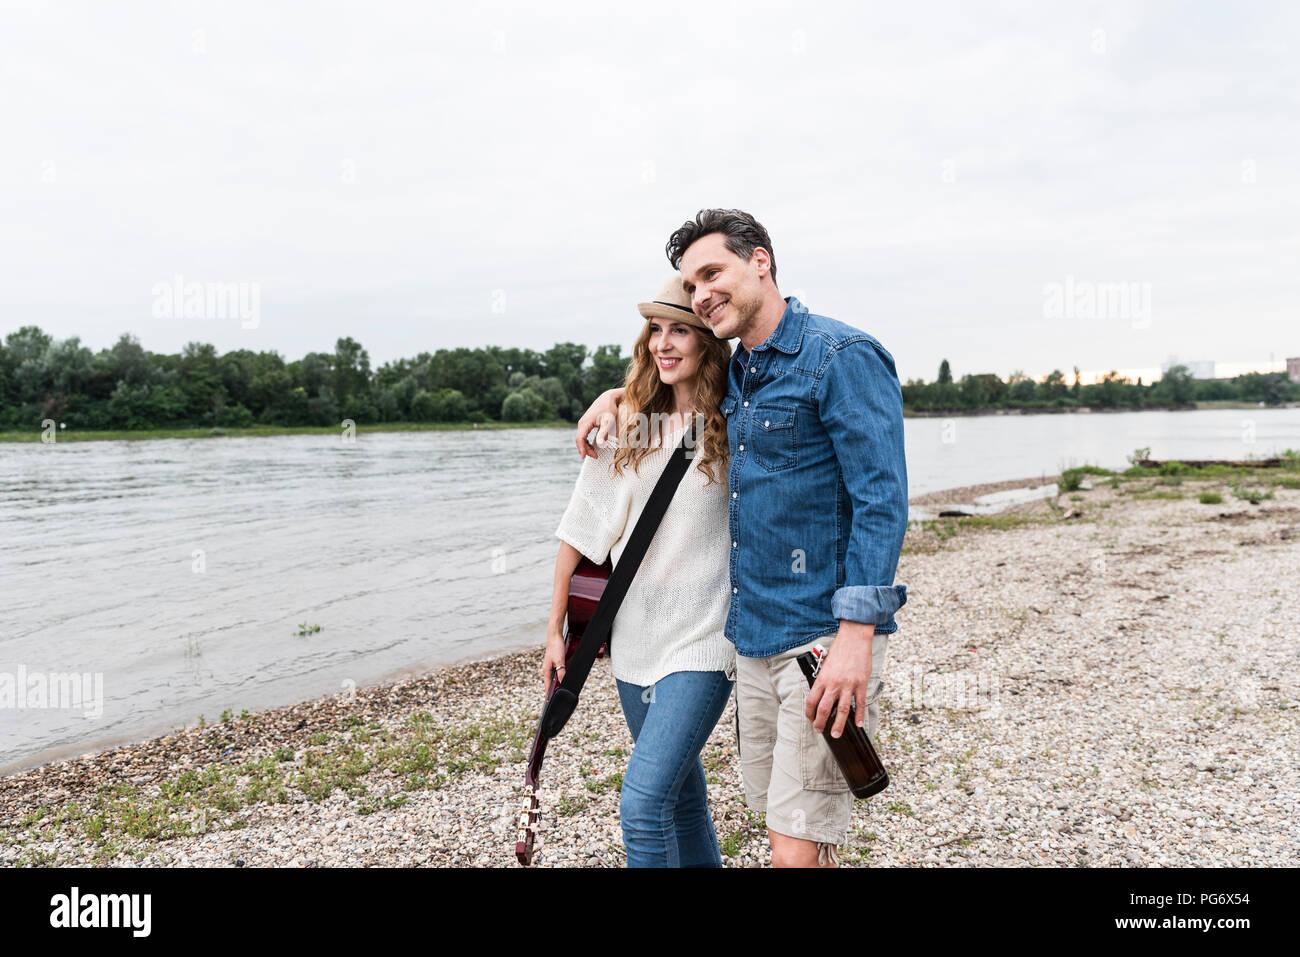 Glückliches Paar Wandern am Flussufer mit Bierflasche und Gitarre Stockbild